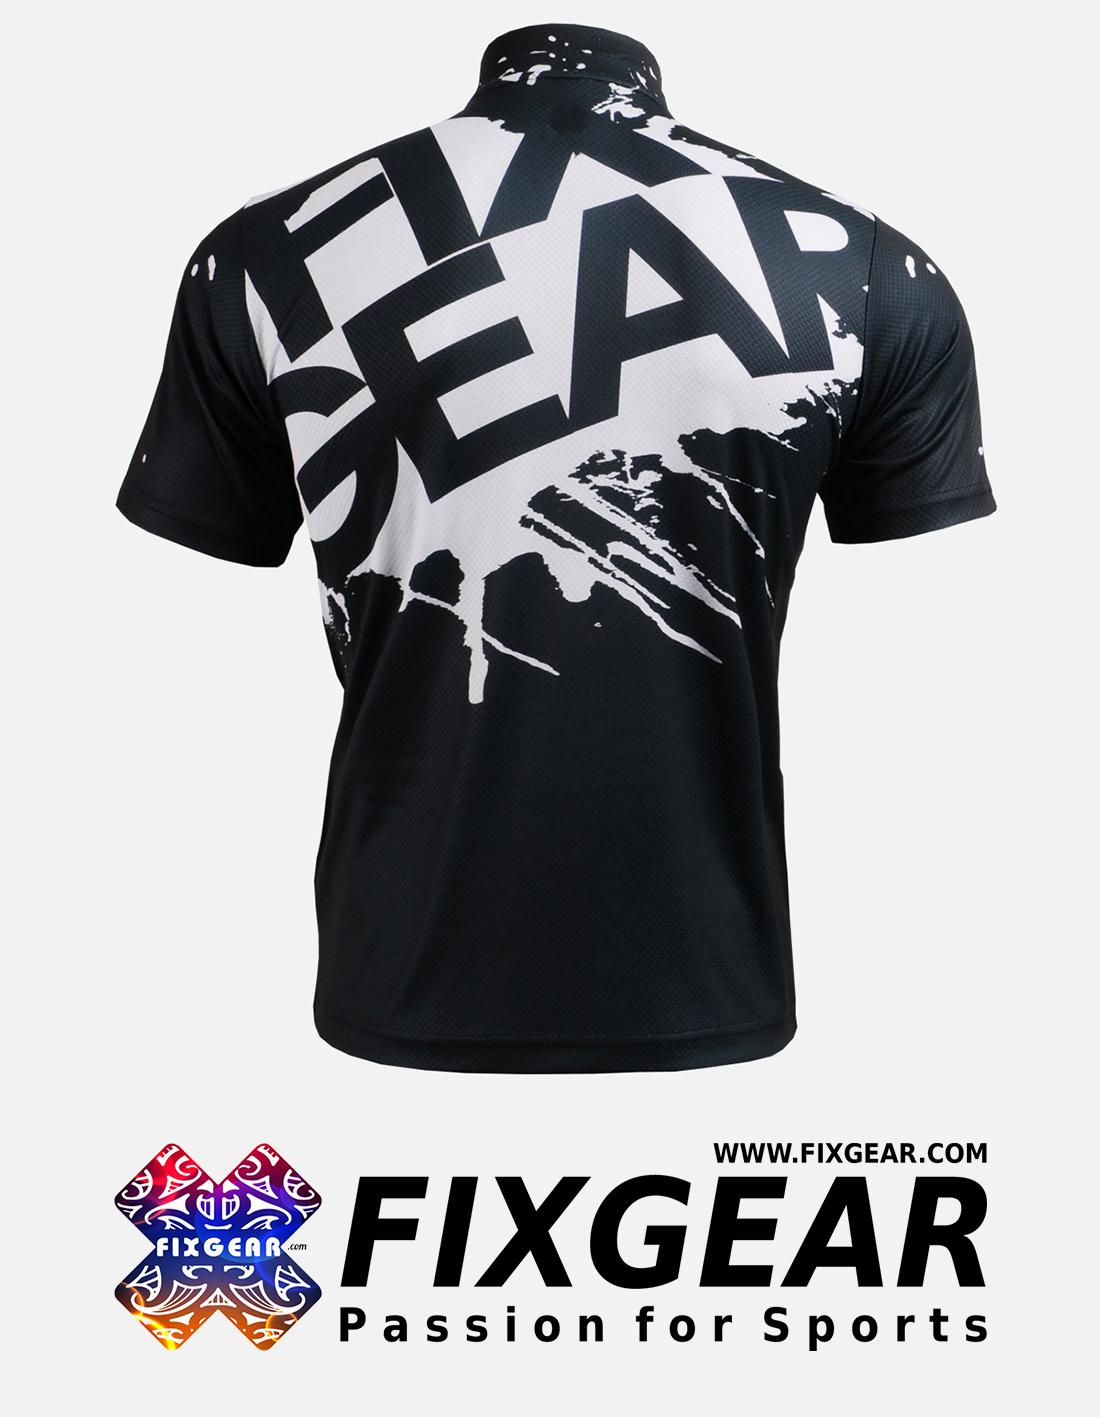 FIXGEAR BM-5402 Casual Men's short sleeve jersey 1/4 zip-up T-Shirt